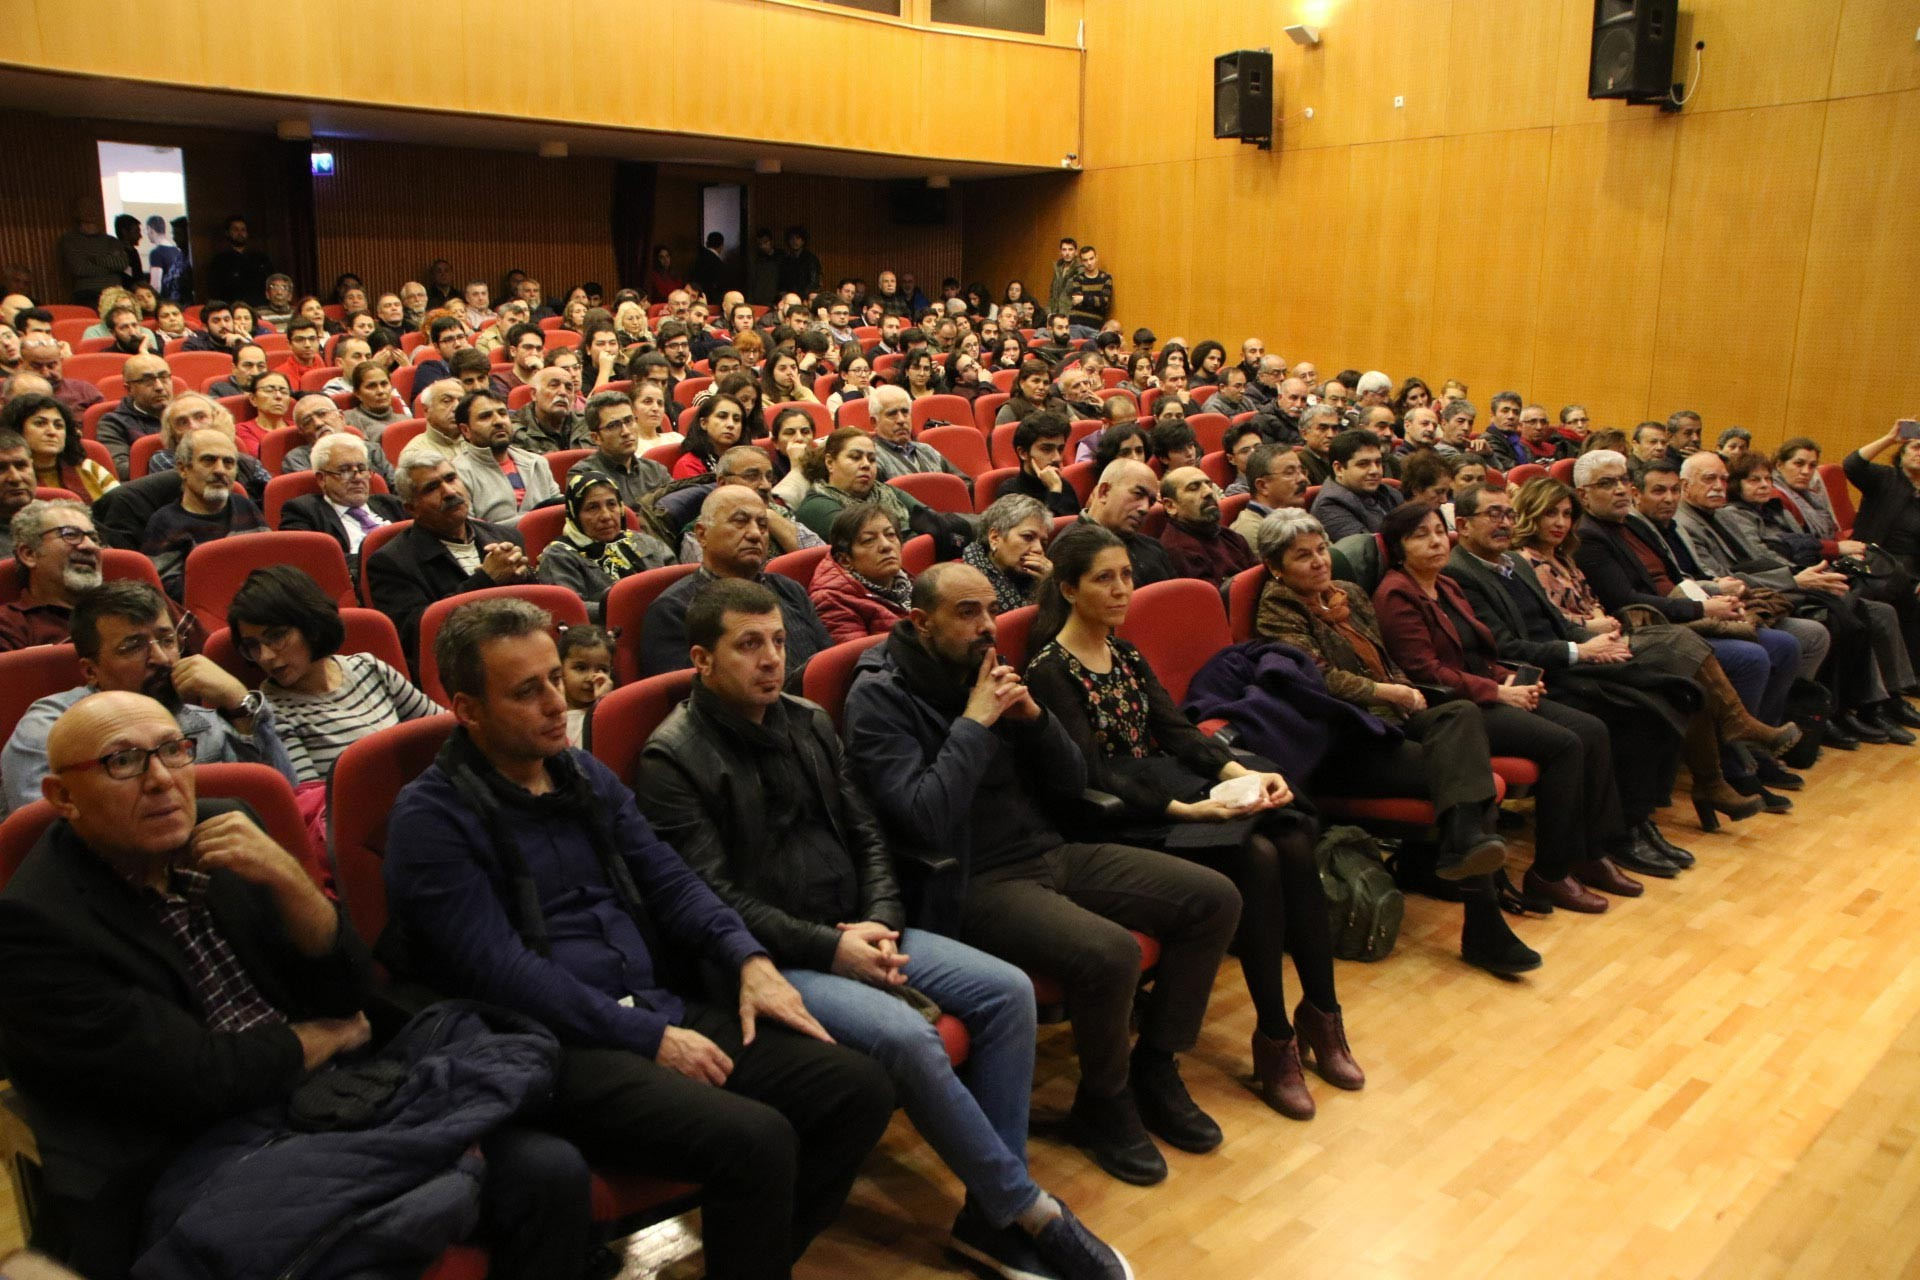 Ankara'da düzenlenen Evrensel ile dayanışma etkinliğinde salondan bir görünüm